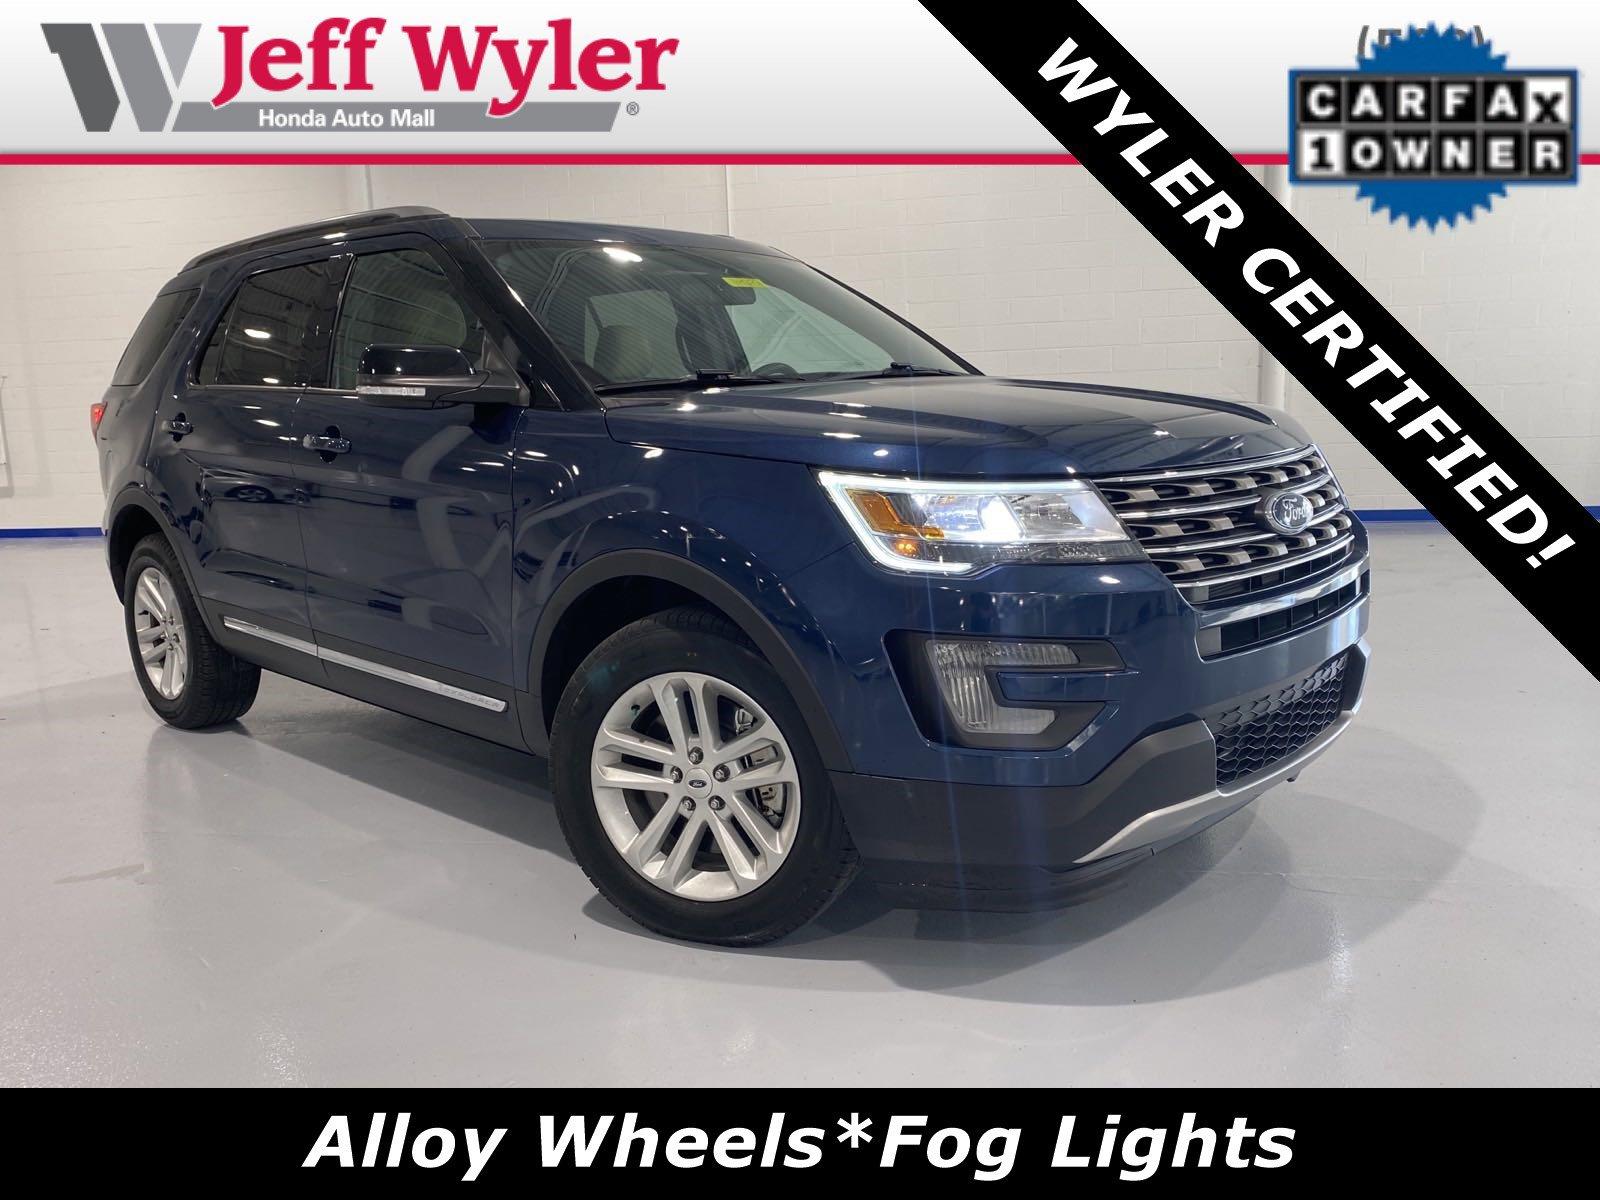 2017 Ford Explorer FWD XLT image